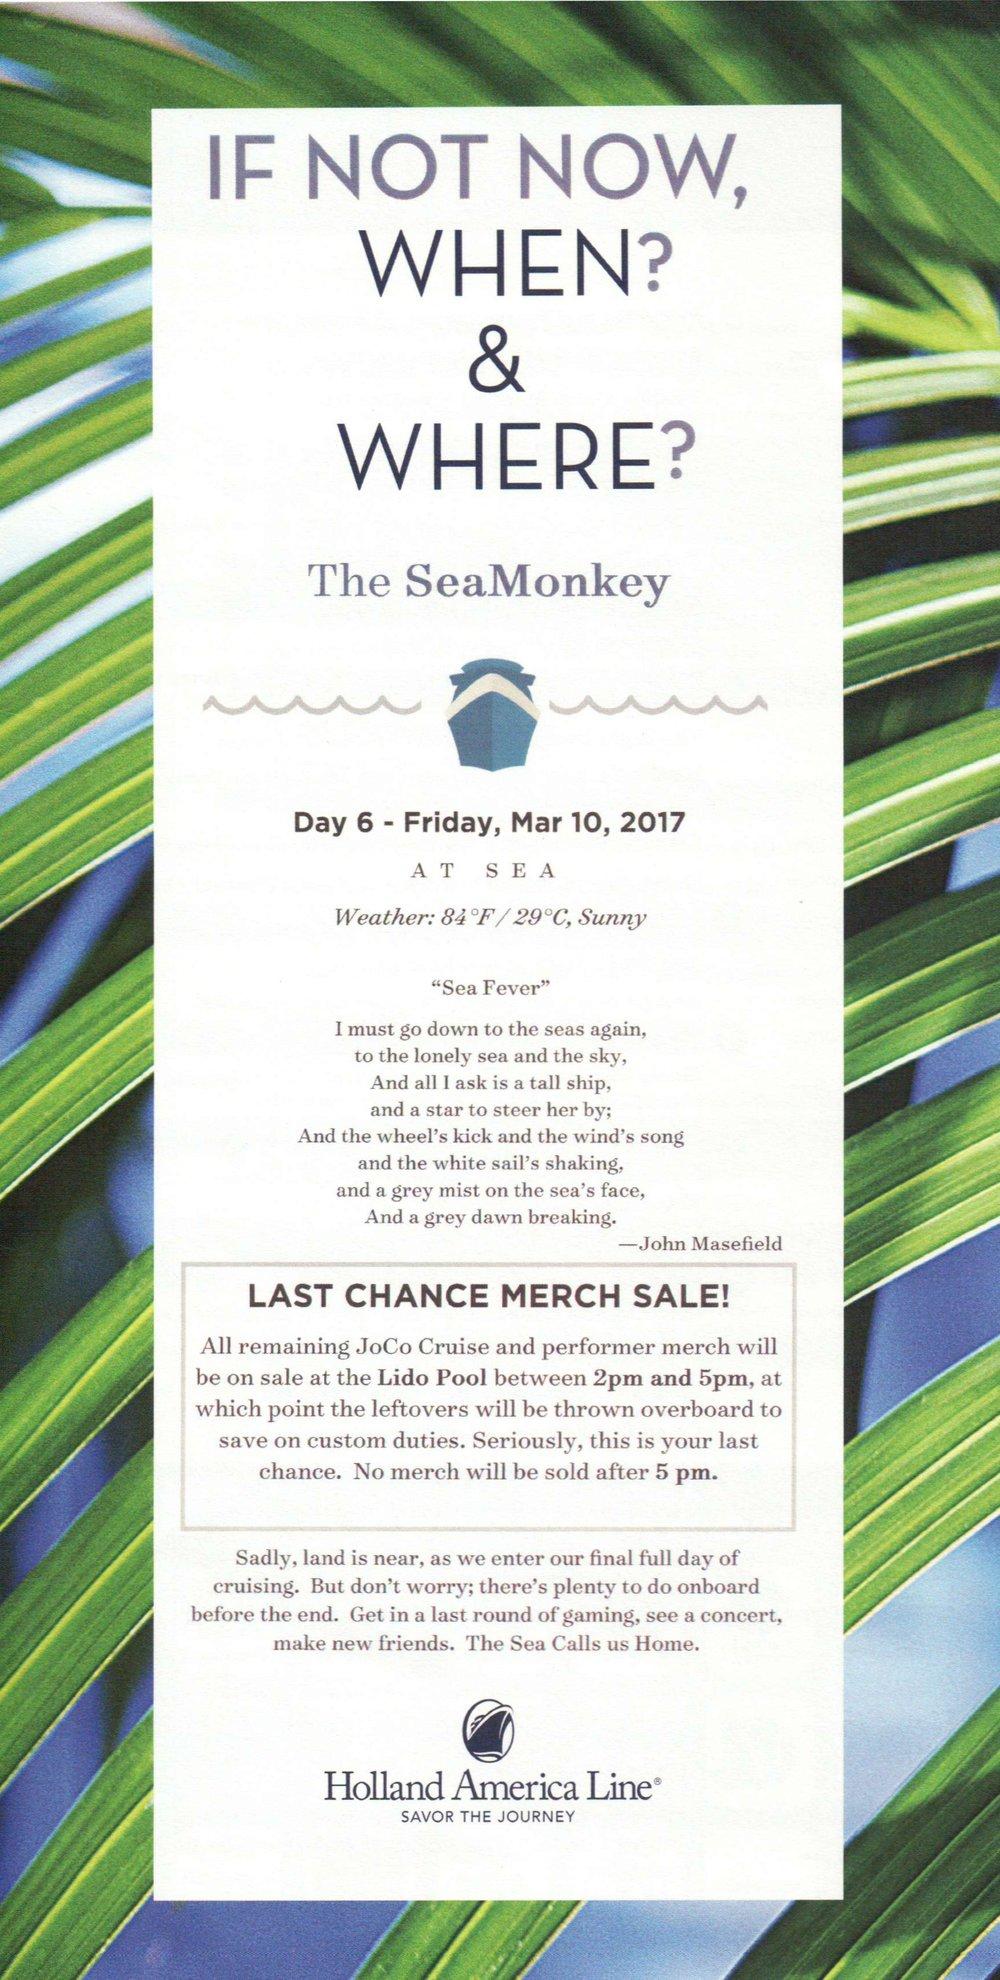 SeaMonkey Day 7